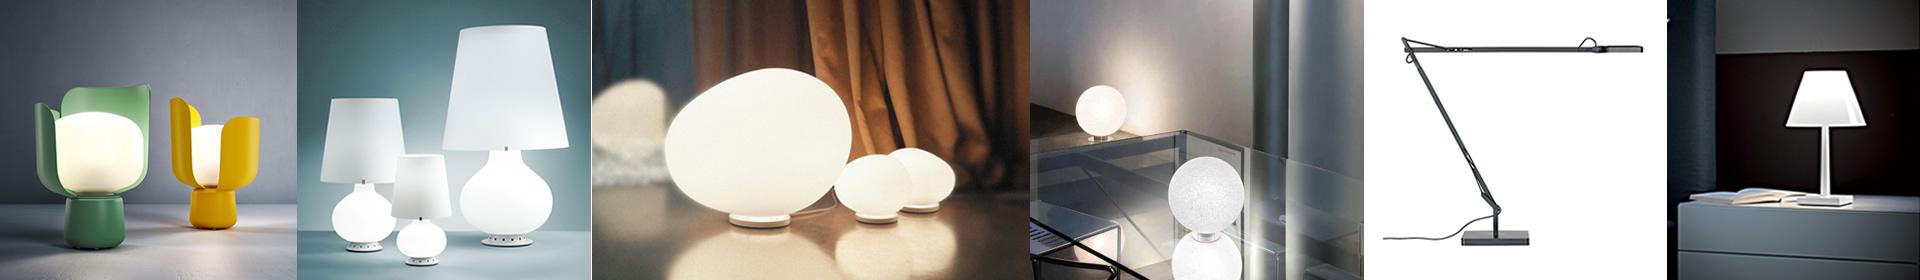 Lampade da tavolo, acquista on line a prezzi scontati